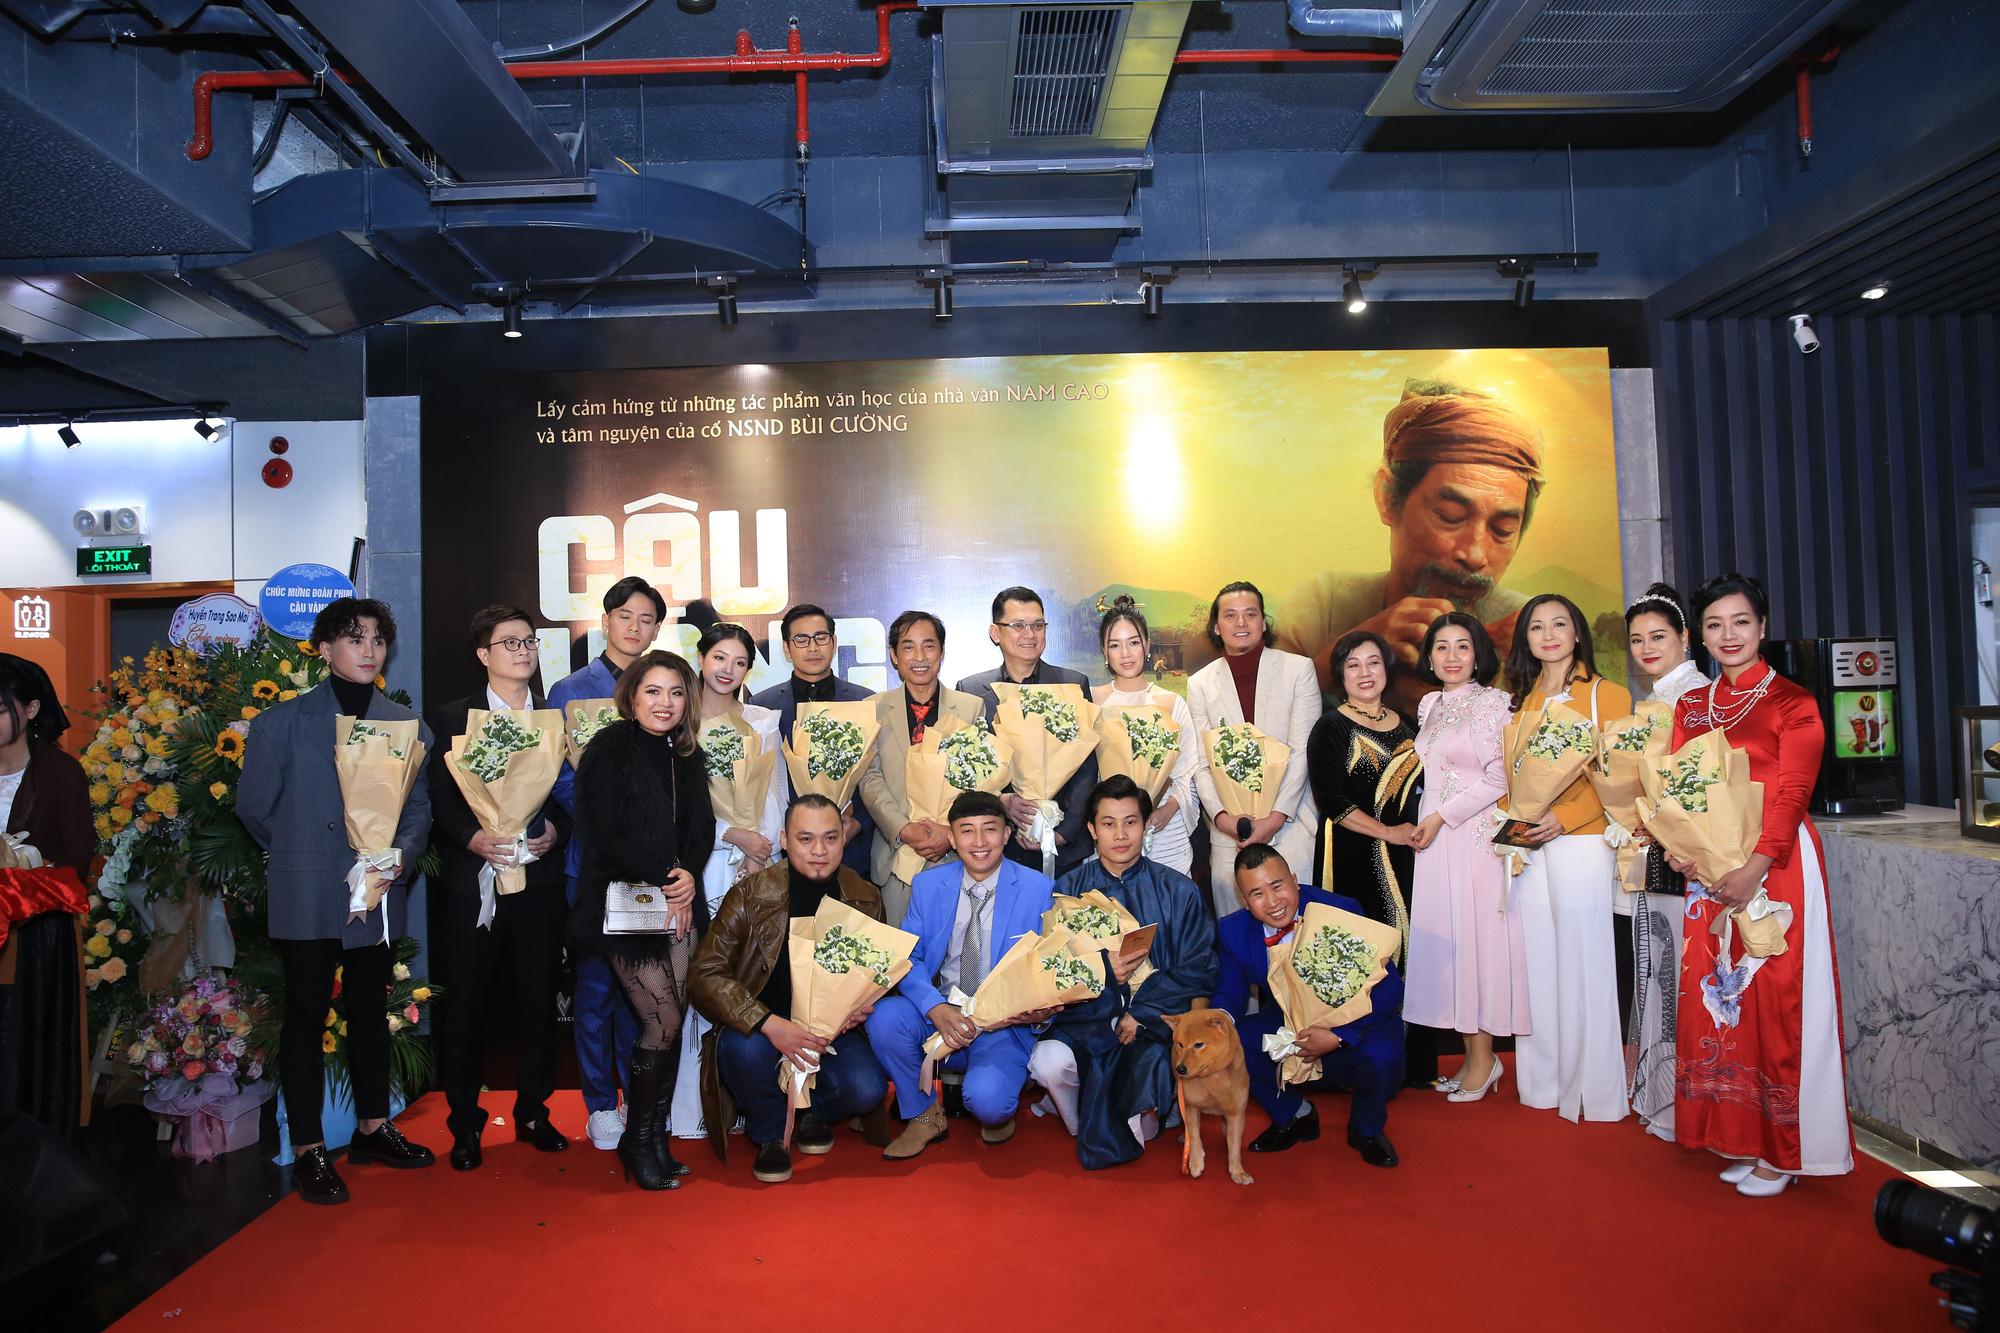 """Dàn diễn viên bắc nam đổ bộ tại buổi ra mắt """"Cậu Vàng"""" tại Hà Nội - Ảnh 1."""